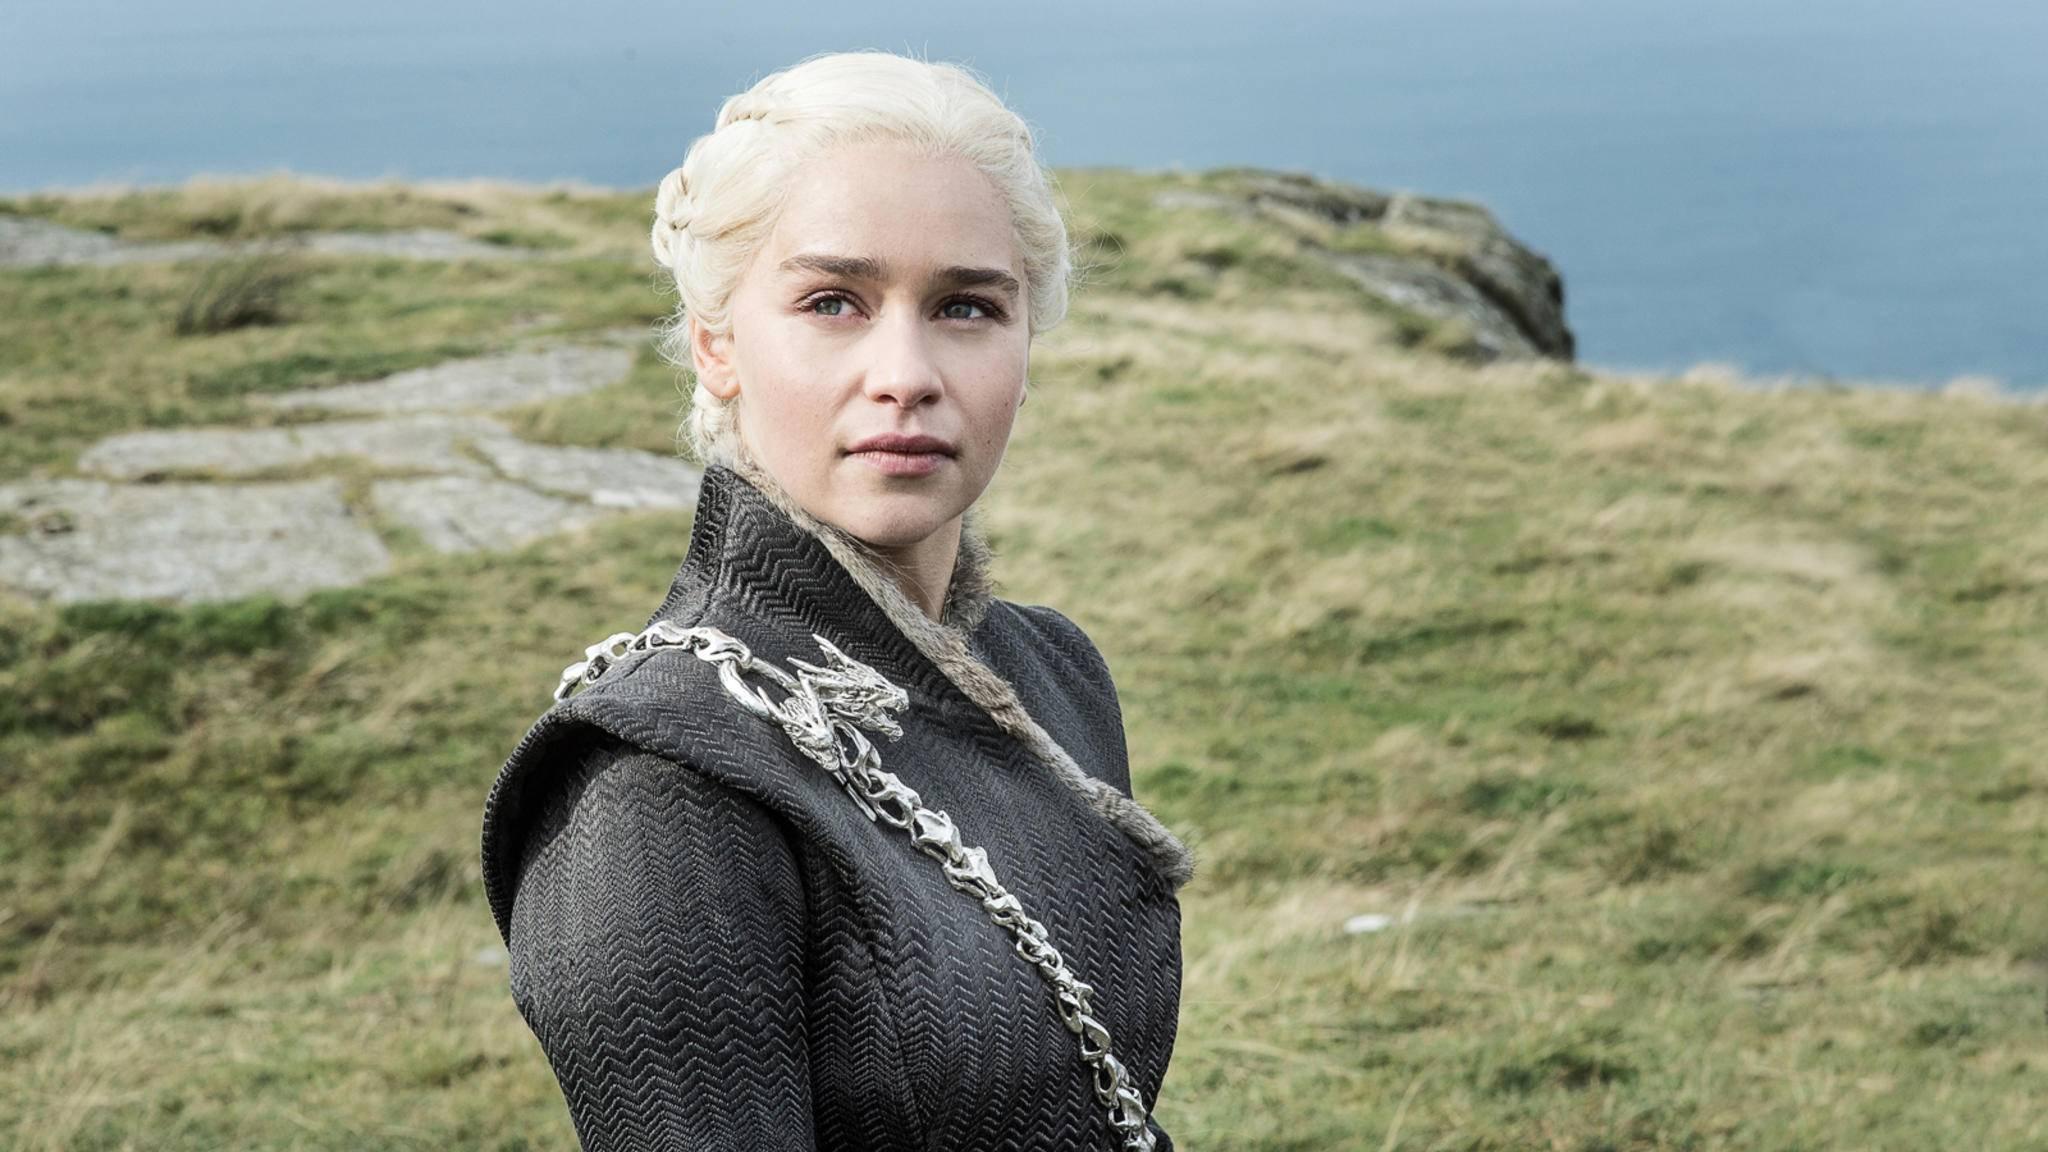 Auch Daenerys-Darstellerin Emilia Clarke weiß nicht, was ihren Charakter im Finale erwartet.